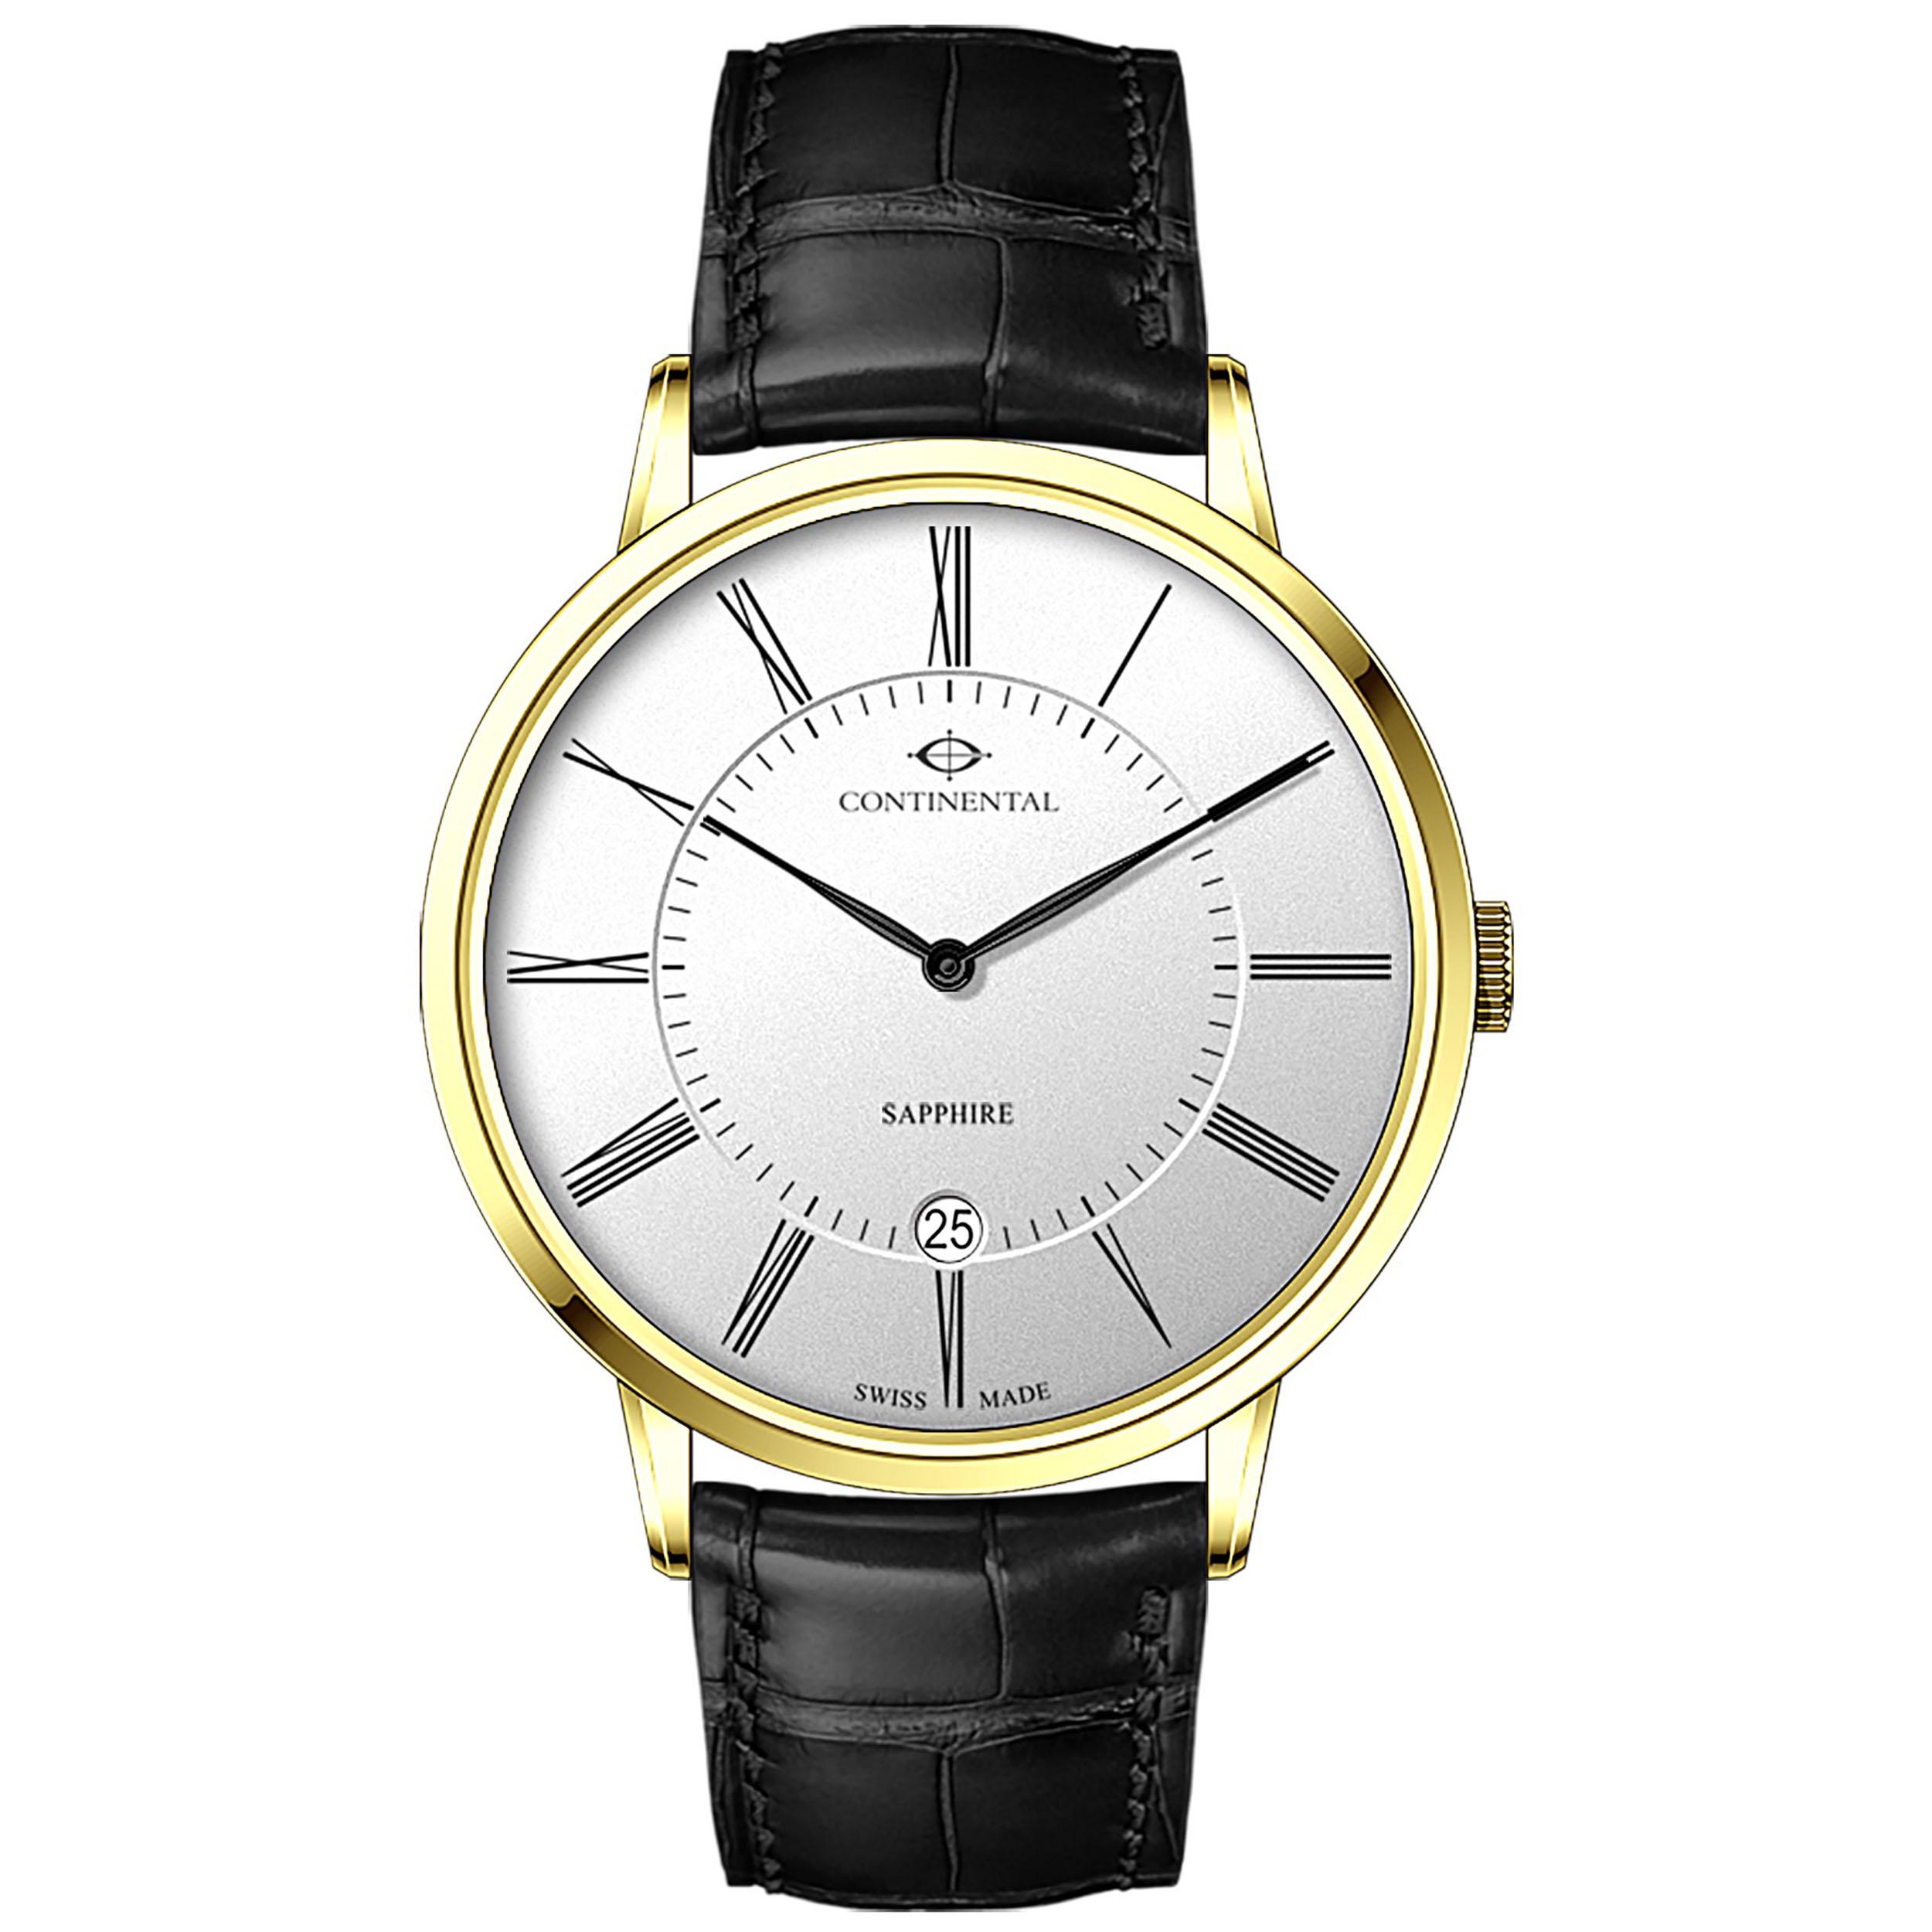 ساعت مچی عقربه ای مردانه کنتیننتال مدل 18501-GD254110